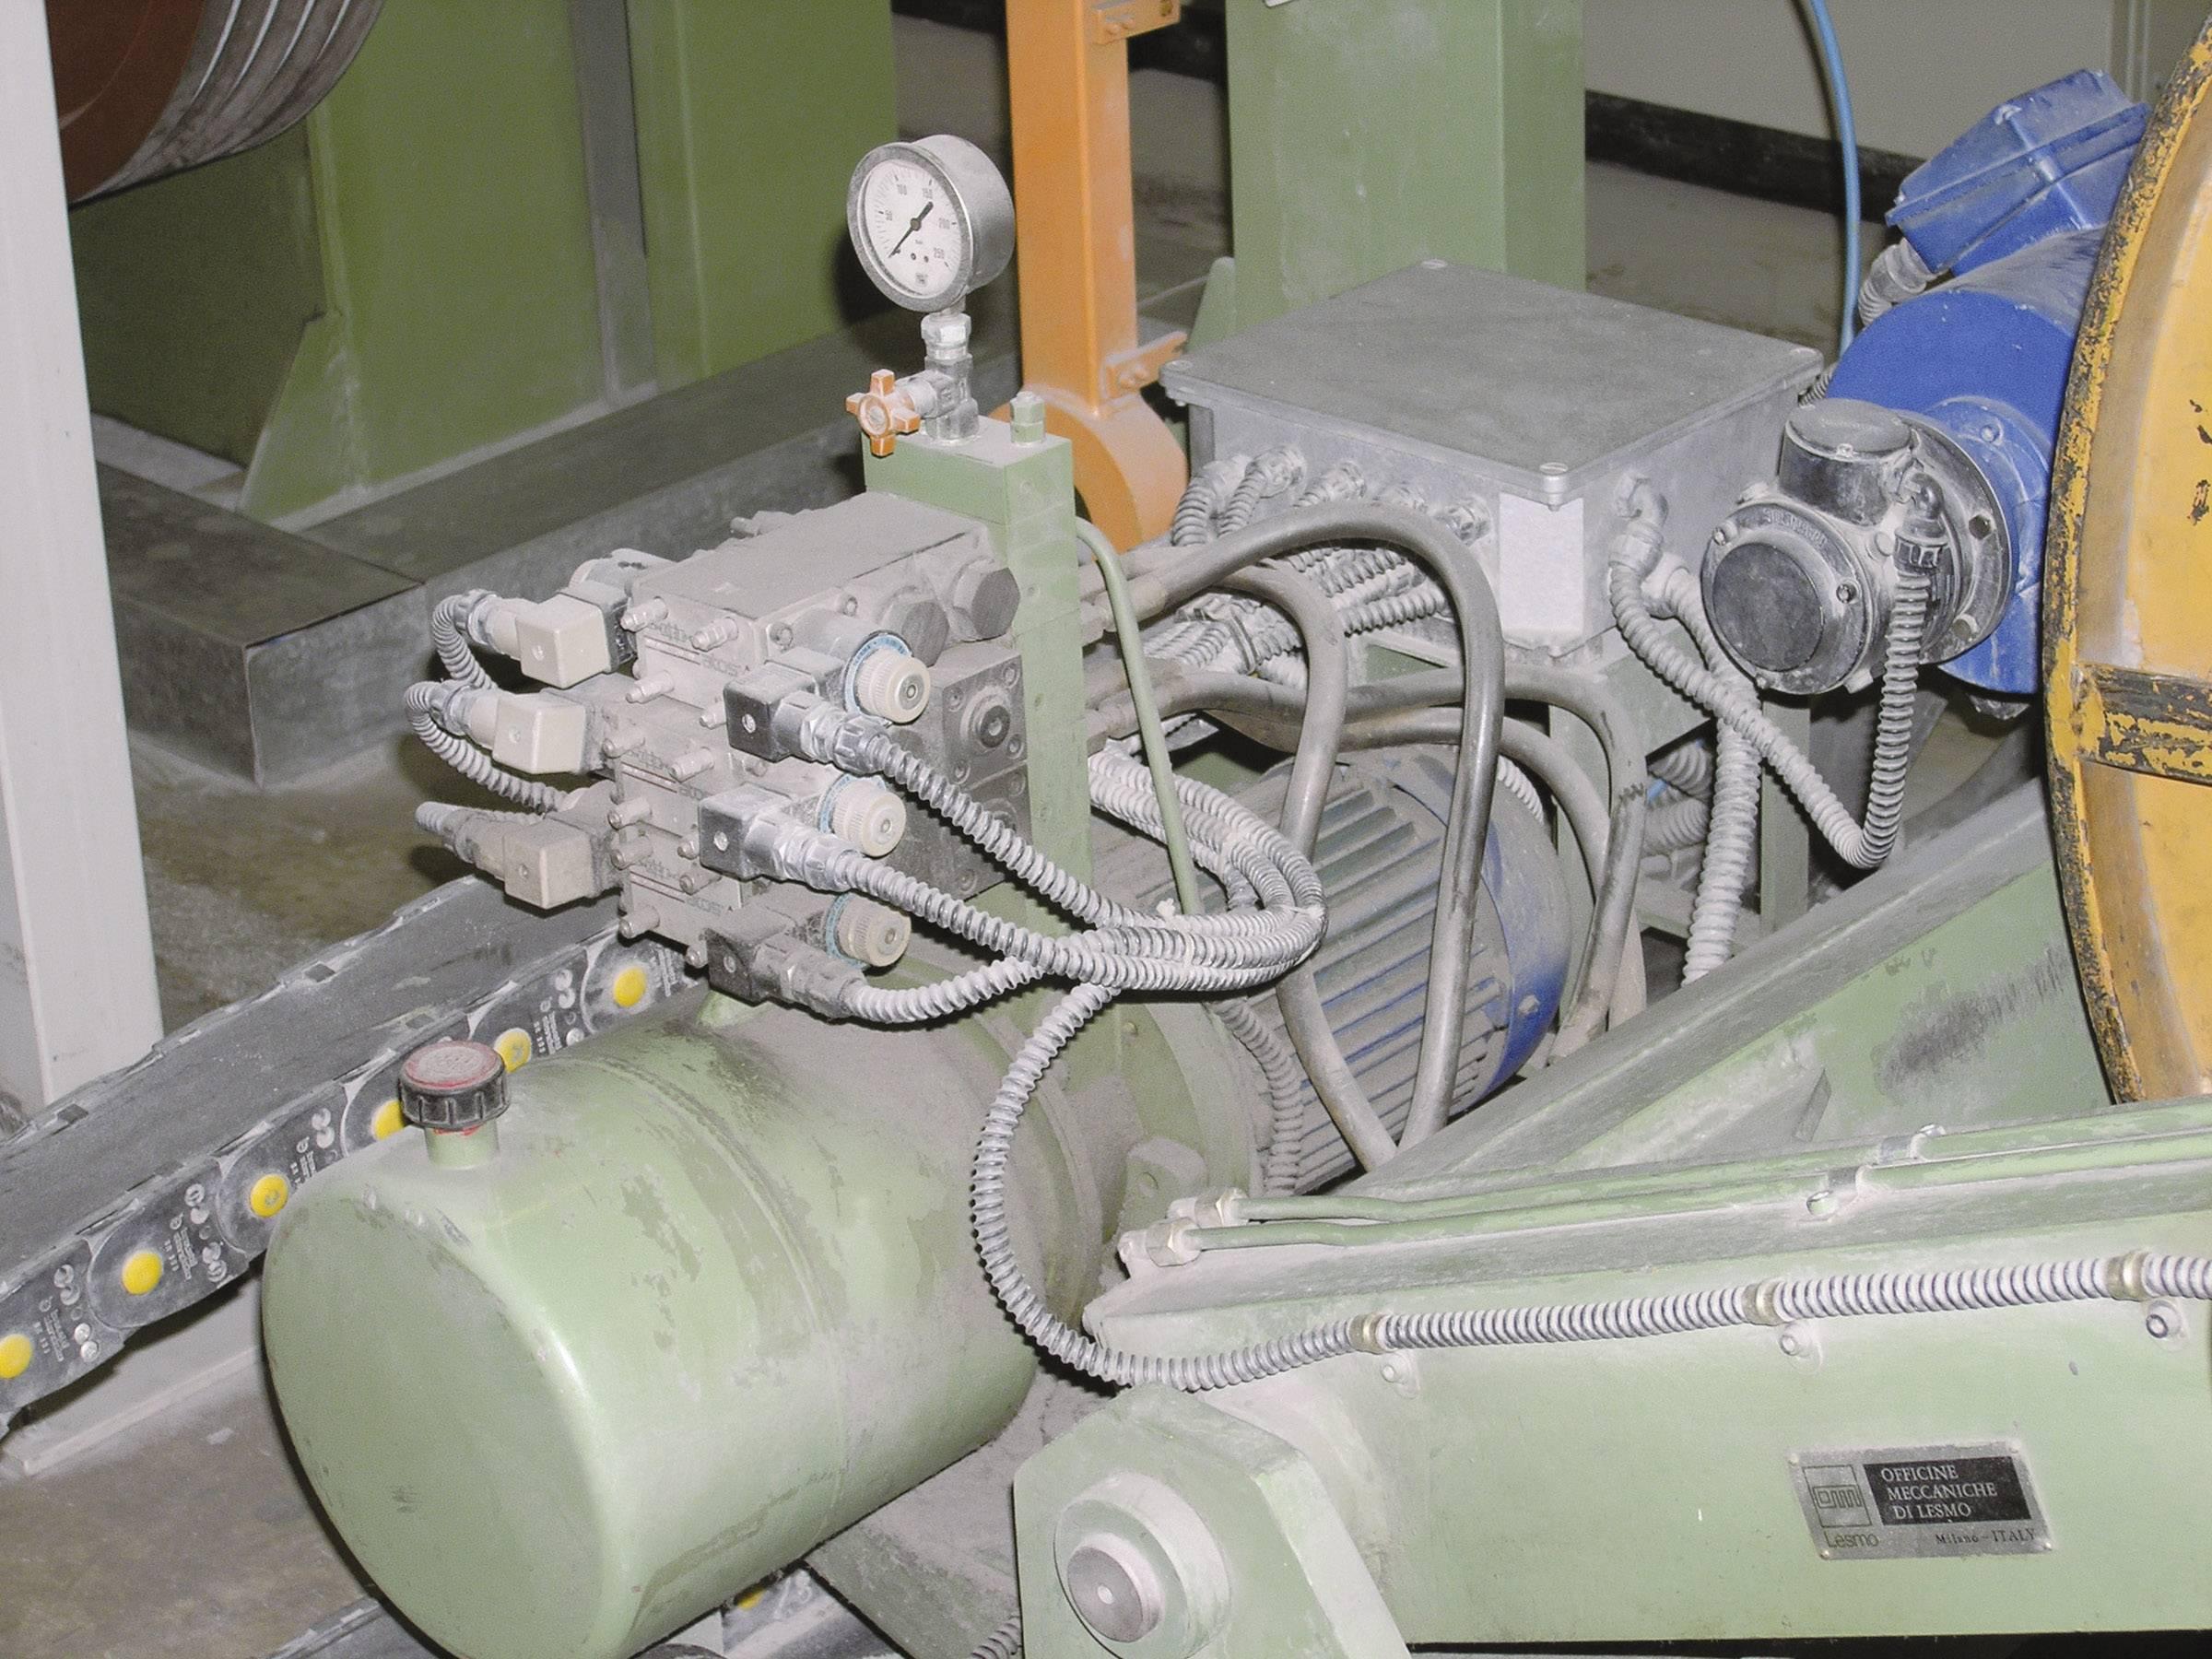 Ochranný plášť (5 m) LappKabel SILVYN EL 10x14,7 SGY (61747360), PVC